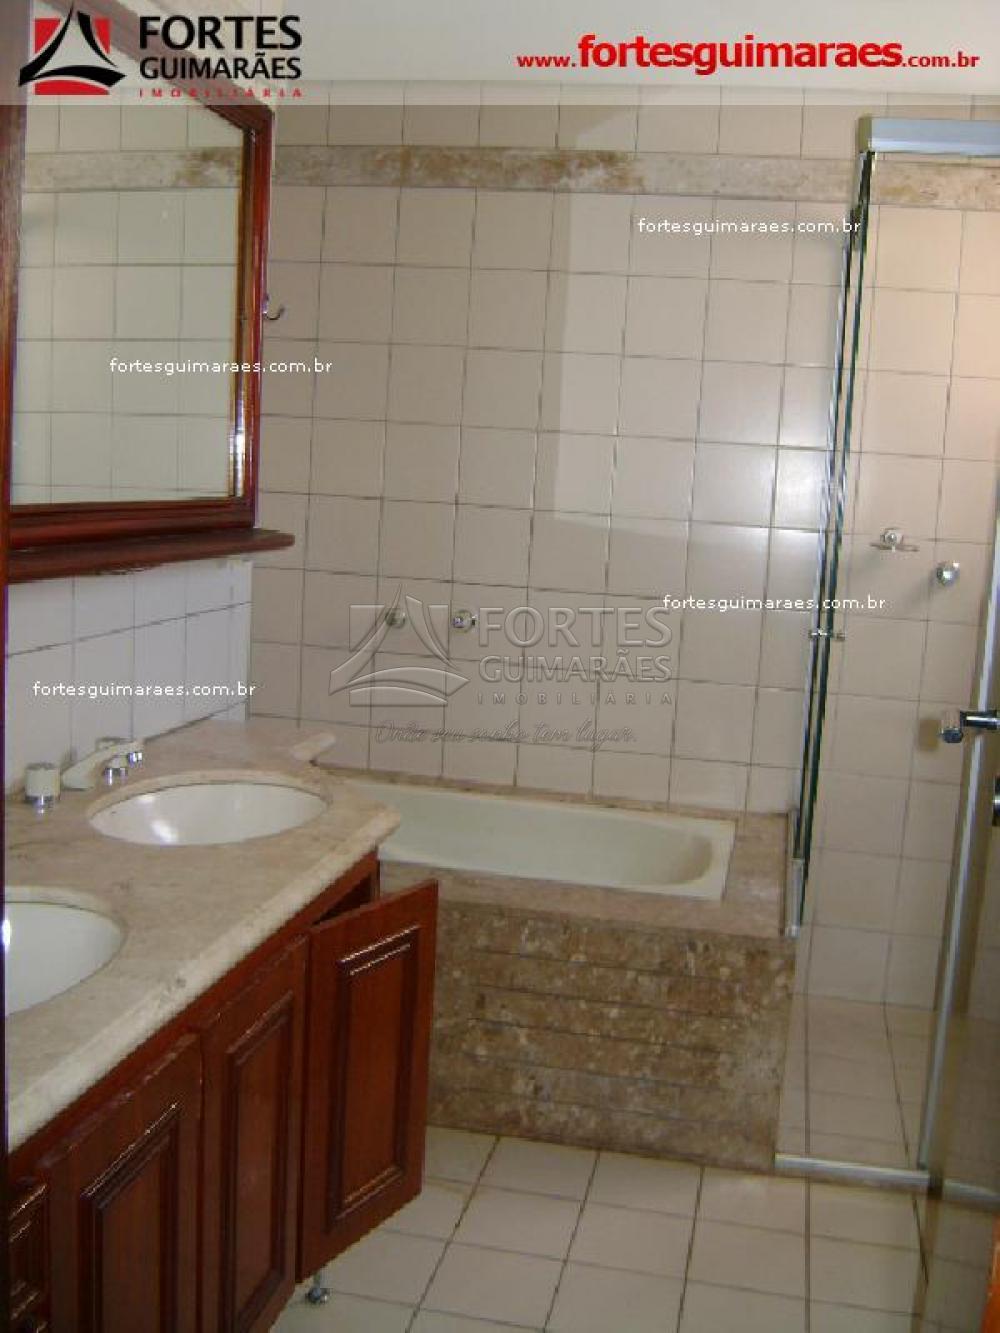 Alugar Apartamentos / Padrão em Ribeirão Preto apenas R$ 1.600,00 - Foto 14